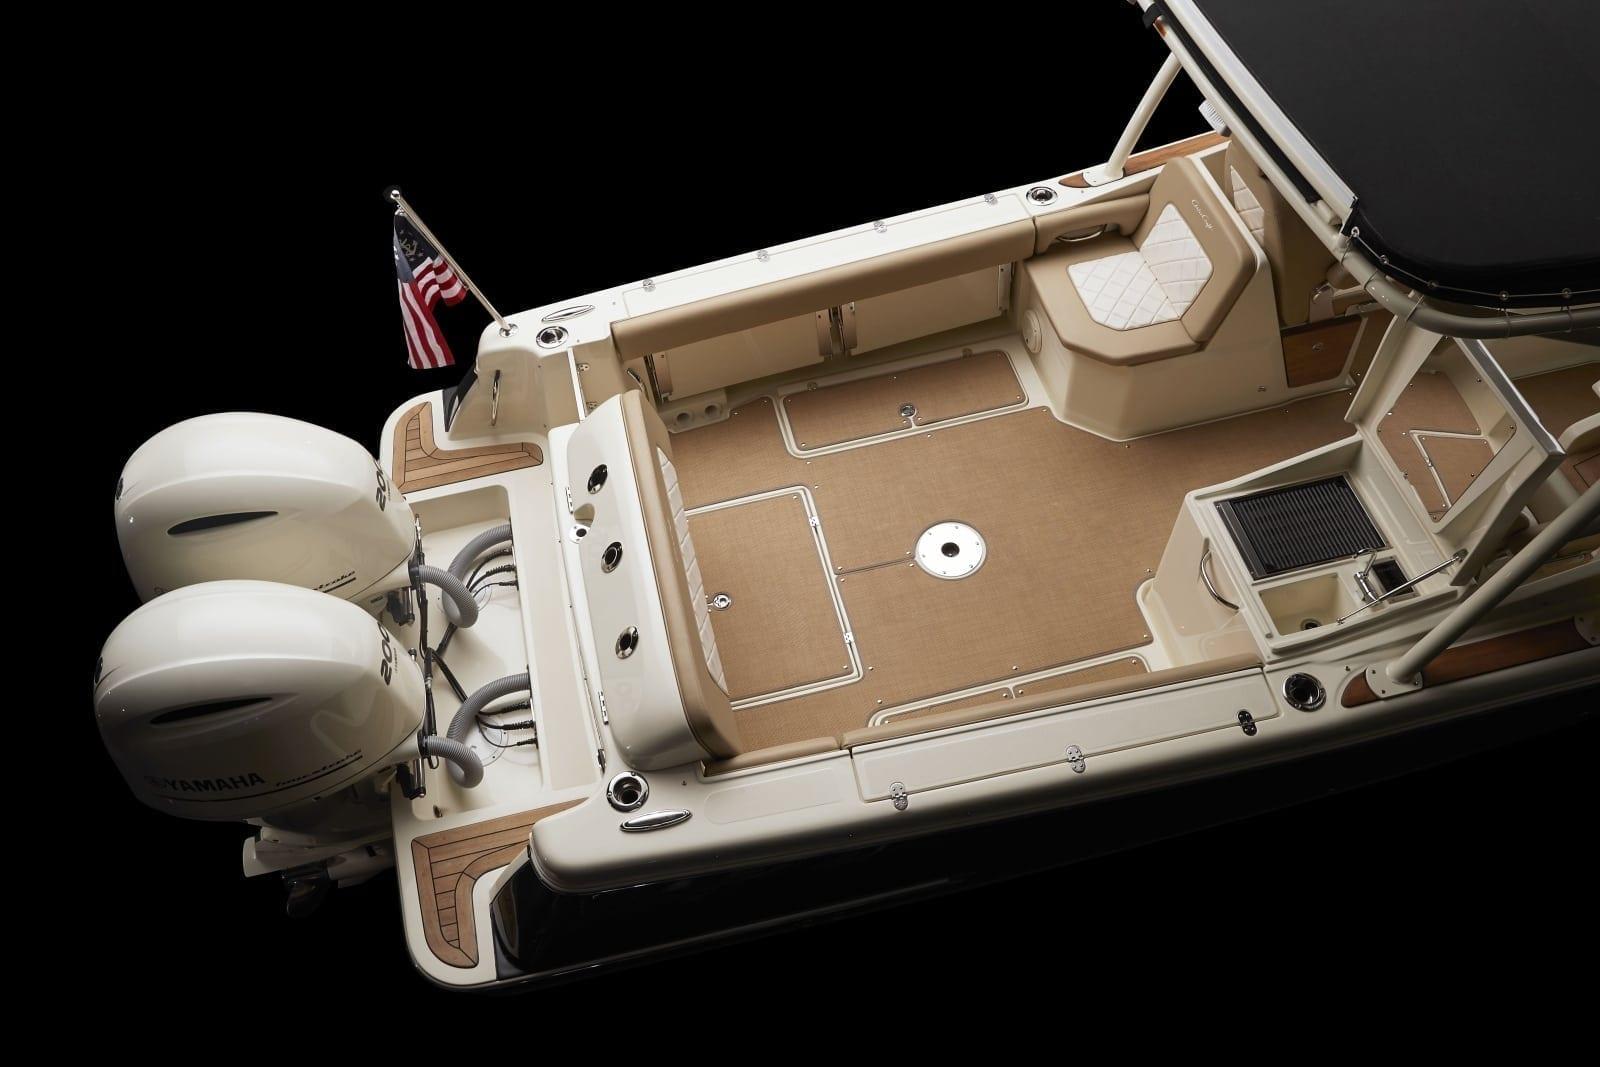 Chris Craft Calypso 26 Rear Deck